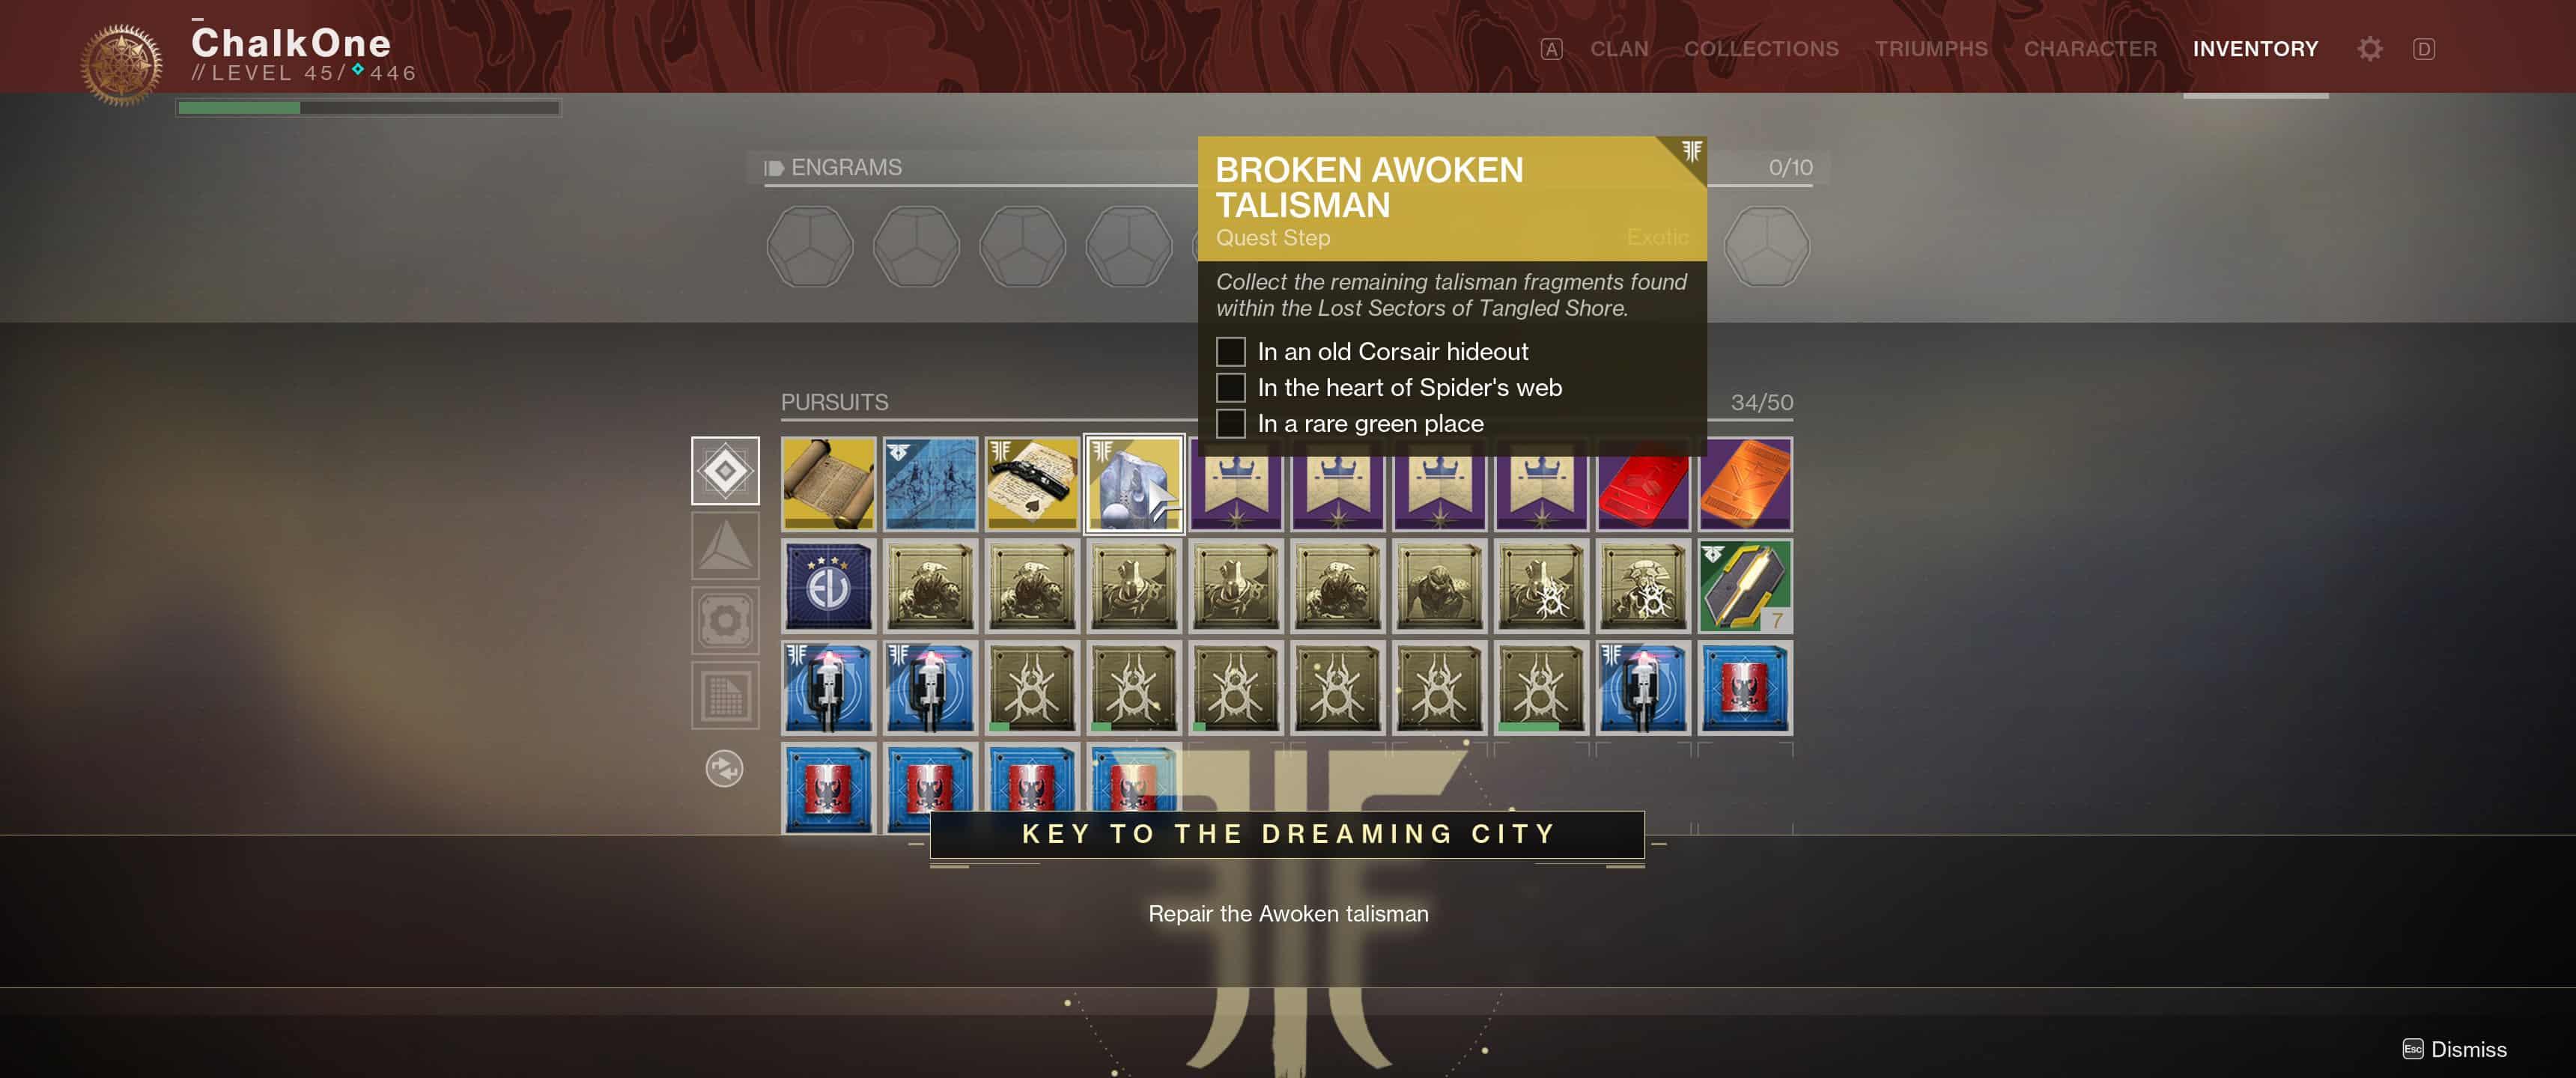 Repair the Broken Awoken Talisman & Unlock the Dreaming City in Forsaken